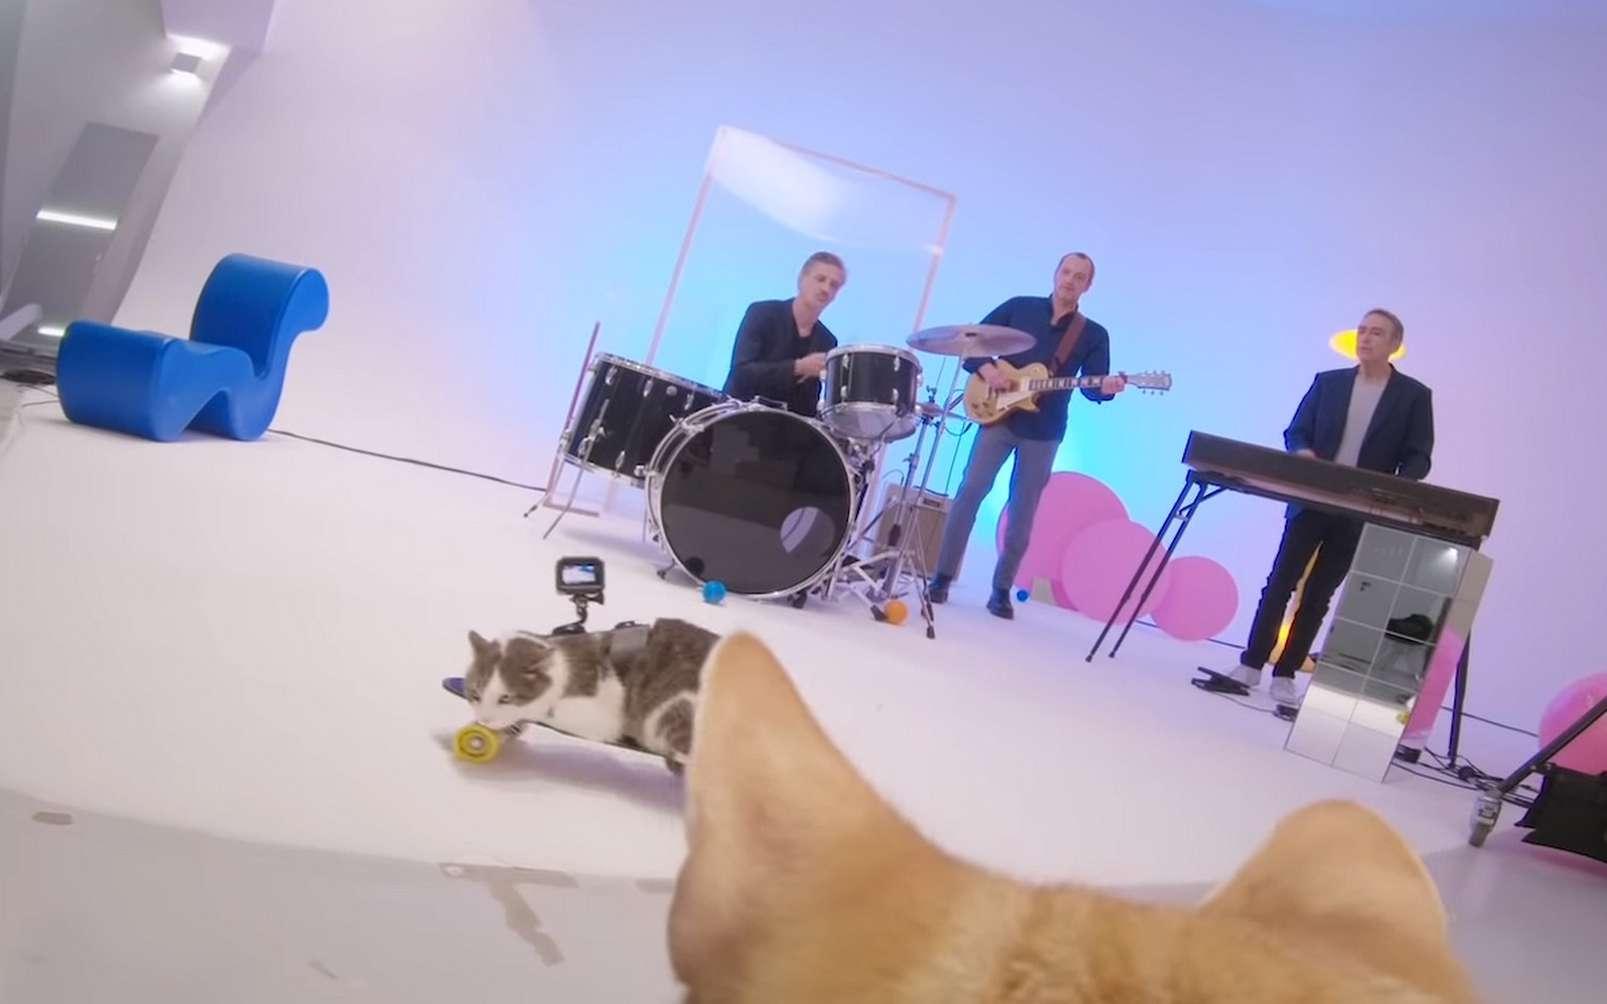 Les chats caméramen qui ont filmé le clip « Tout est pop » d'Alain Chamfort. © Alain Chamfort